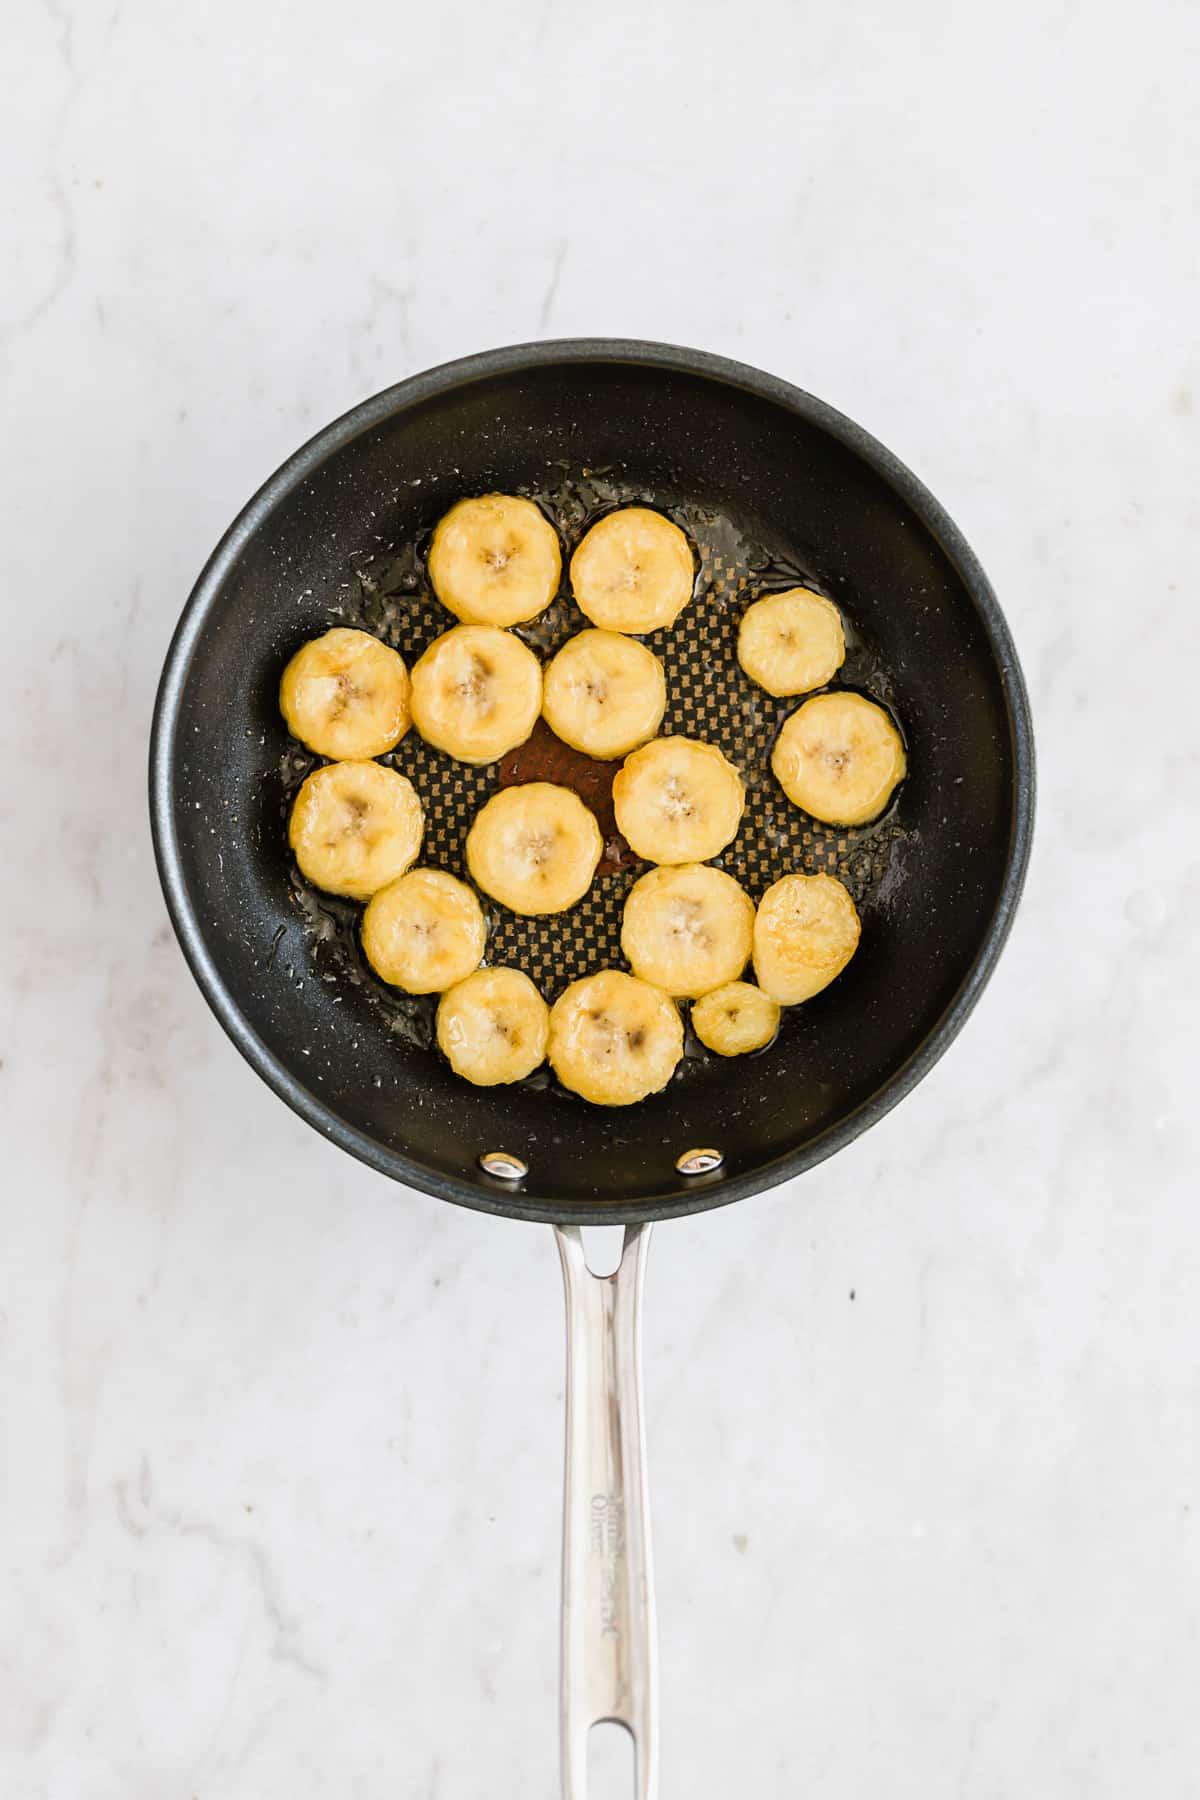 karamellisierte bananen 2